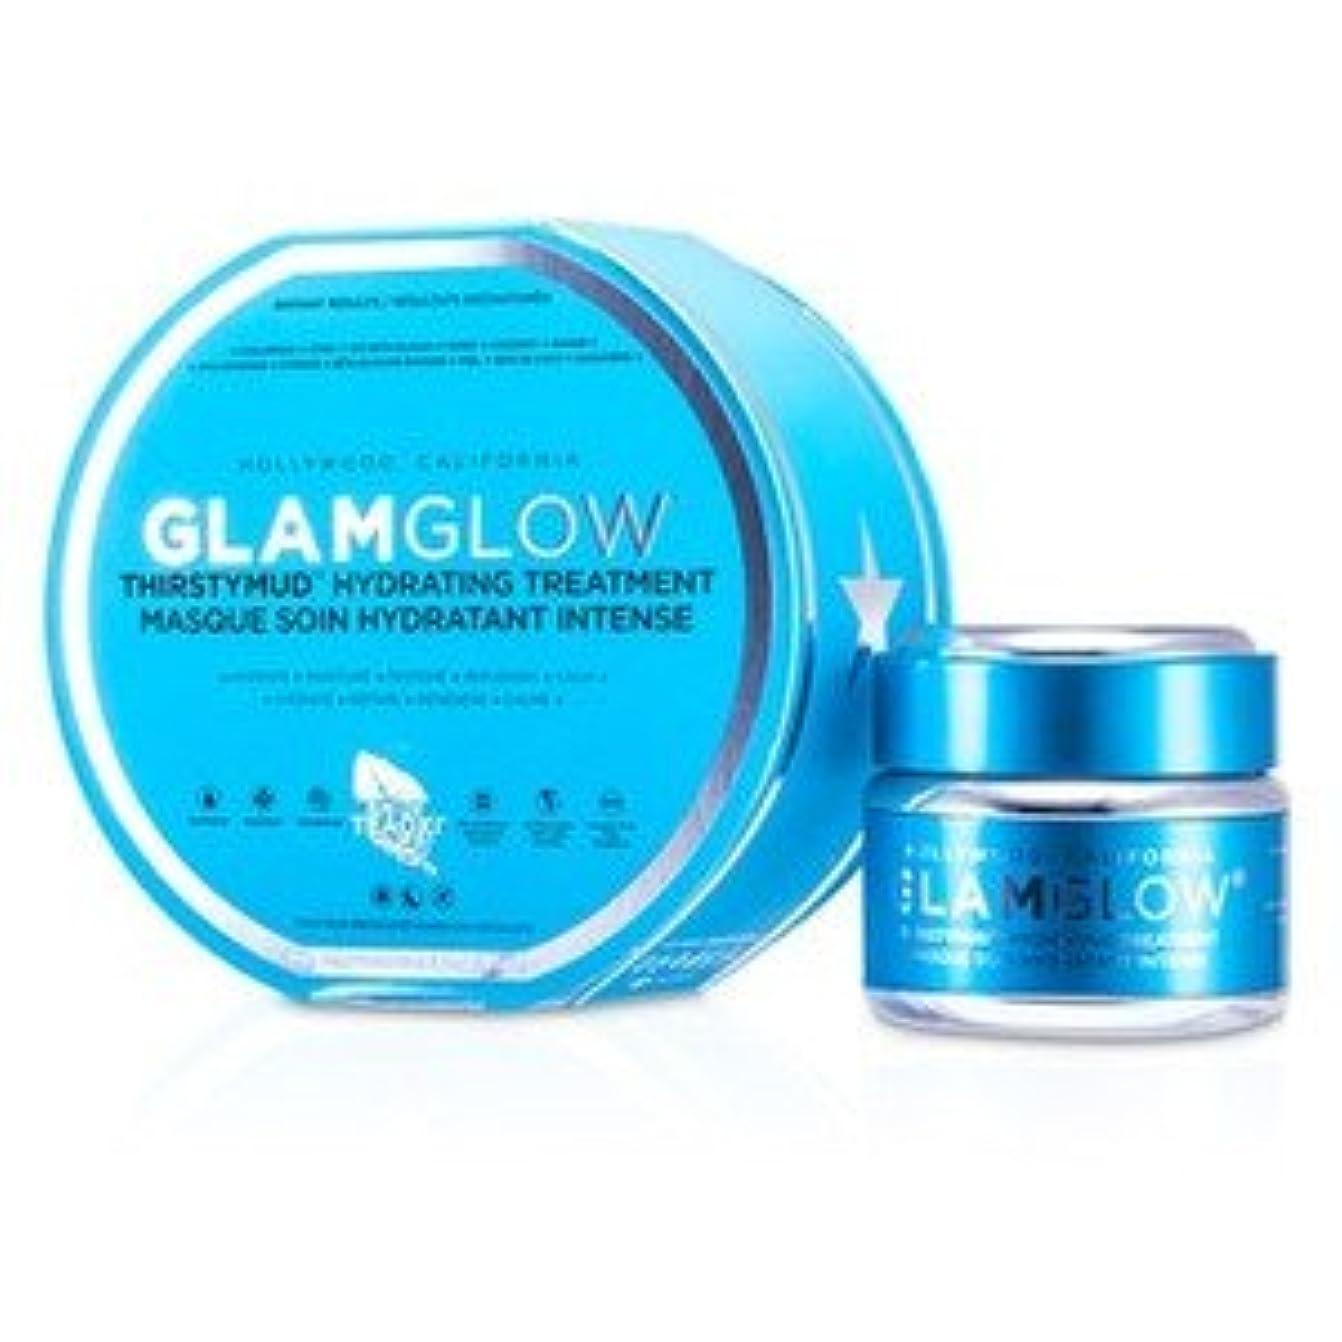 トライアスロン入力生産性Glamglow サースティーマッド ハイドレイティング トリートメント 50g/1.7oz [並行輸入品]